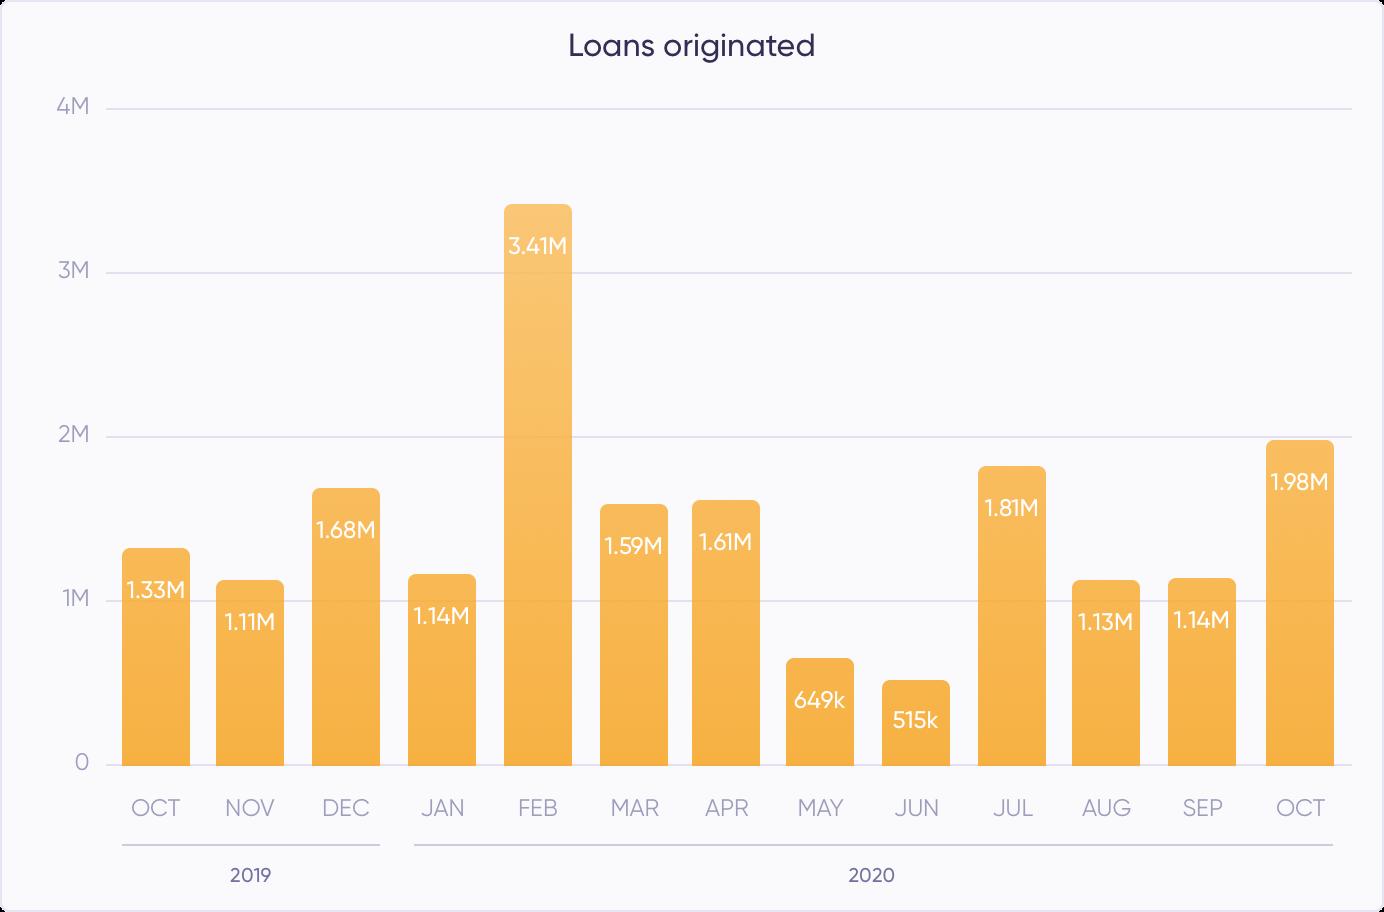 Loans originated in October